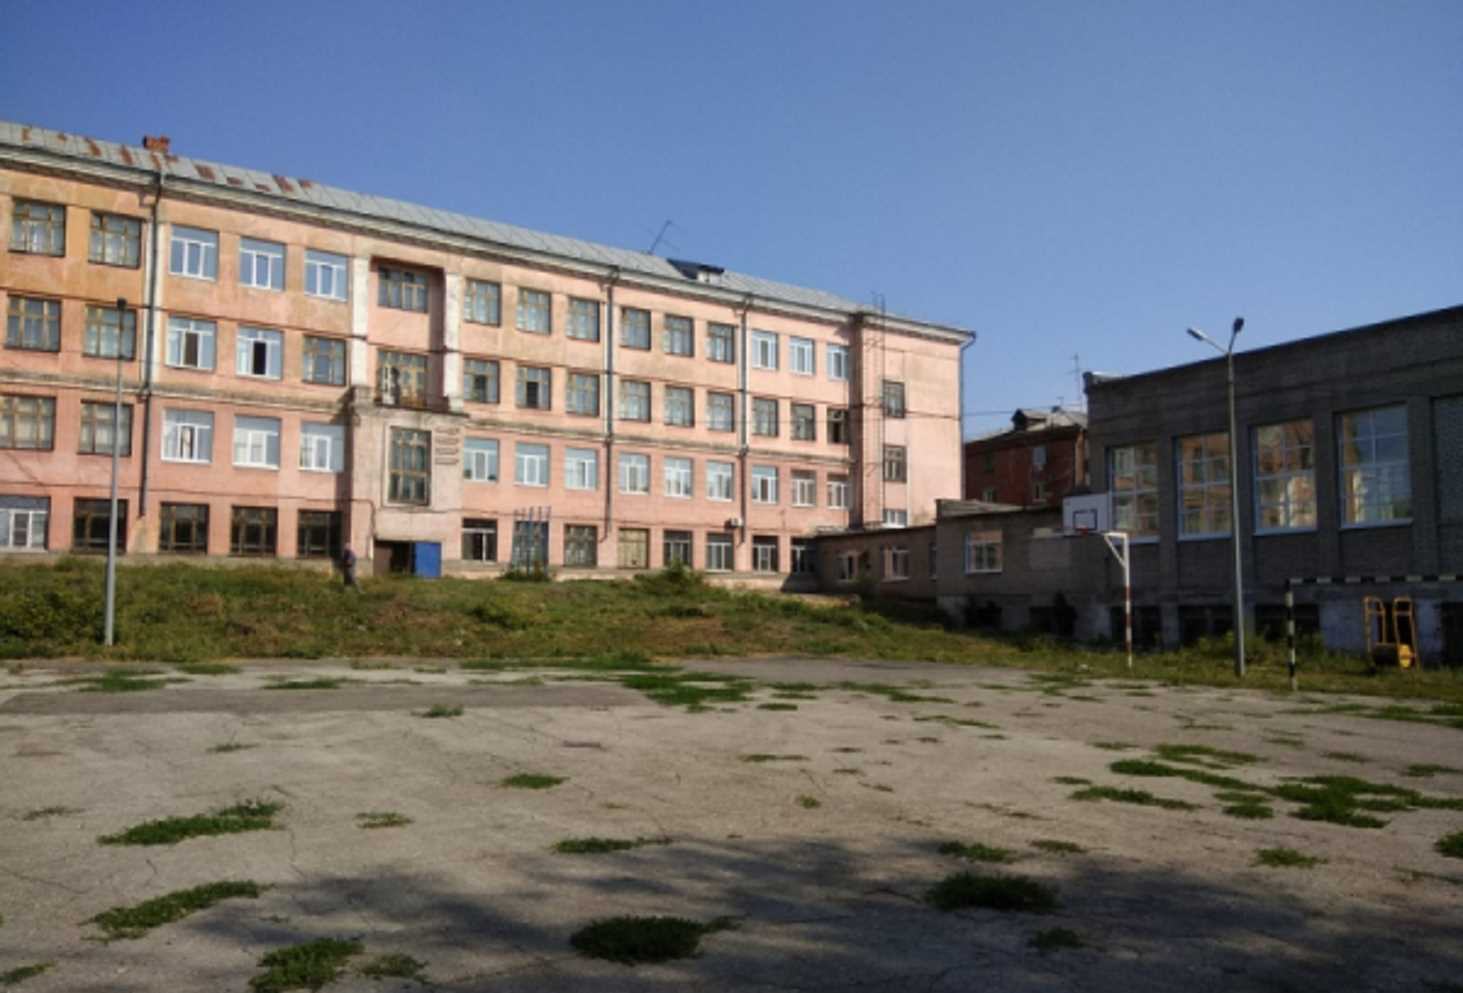 onf-bolee-treti-proverennyh-shkol-imeyut-mnozhestvo-problem